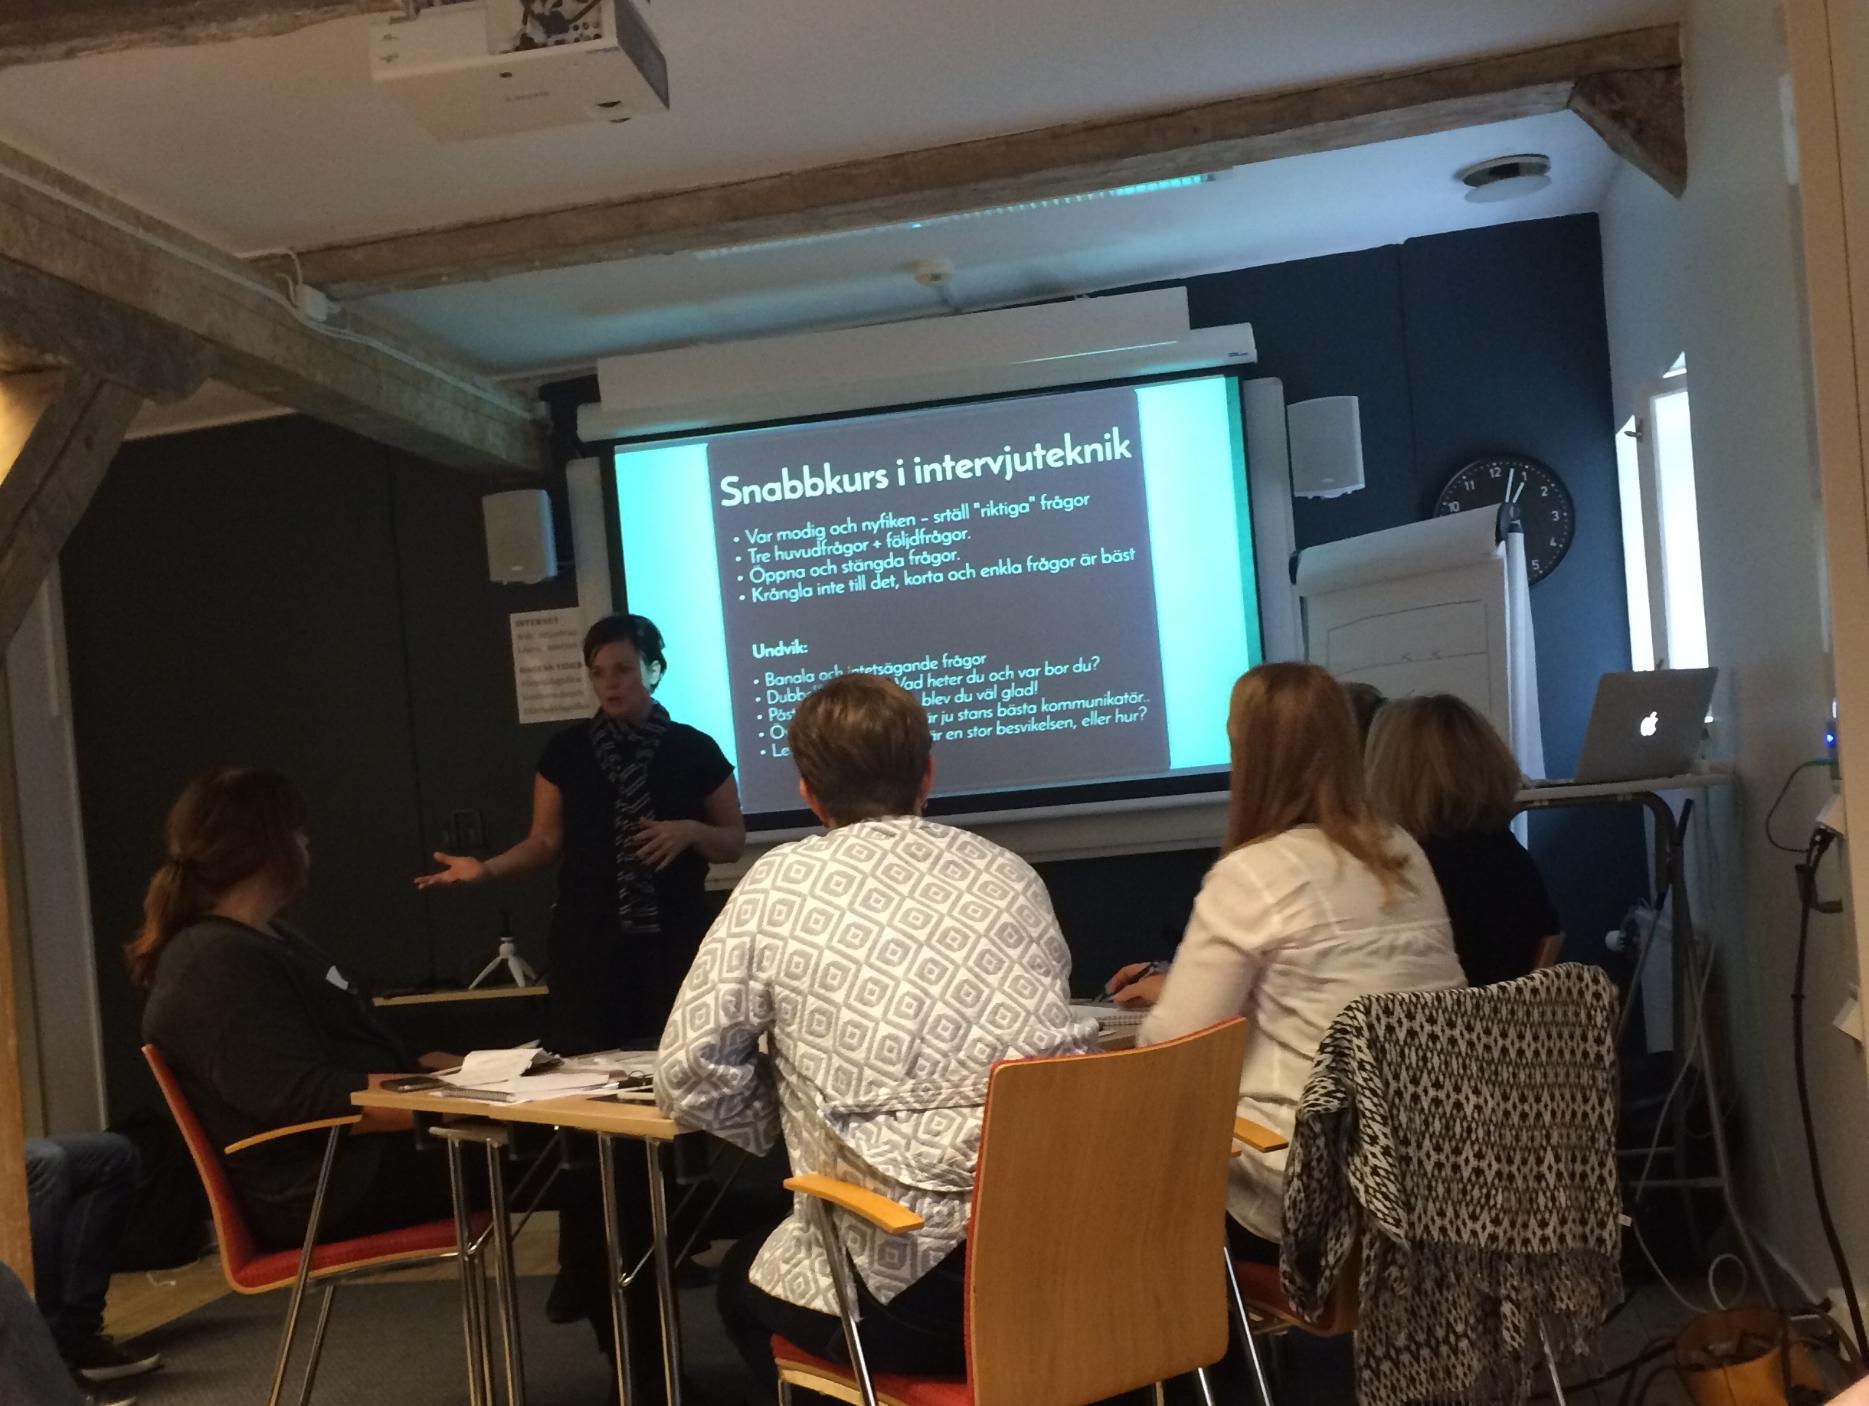 Superduktiga Helena Brunkman som höll i kursen (tillsammans med Mats Strömqvist)lyckades hålla energin och tempot uppe hela dagen, en ganska svår uppgift när man ska lära sig/lära ut lite kluriga grejer som dessutom kräver att man är kreativ och påhittig.